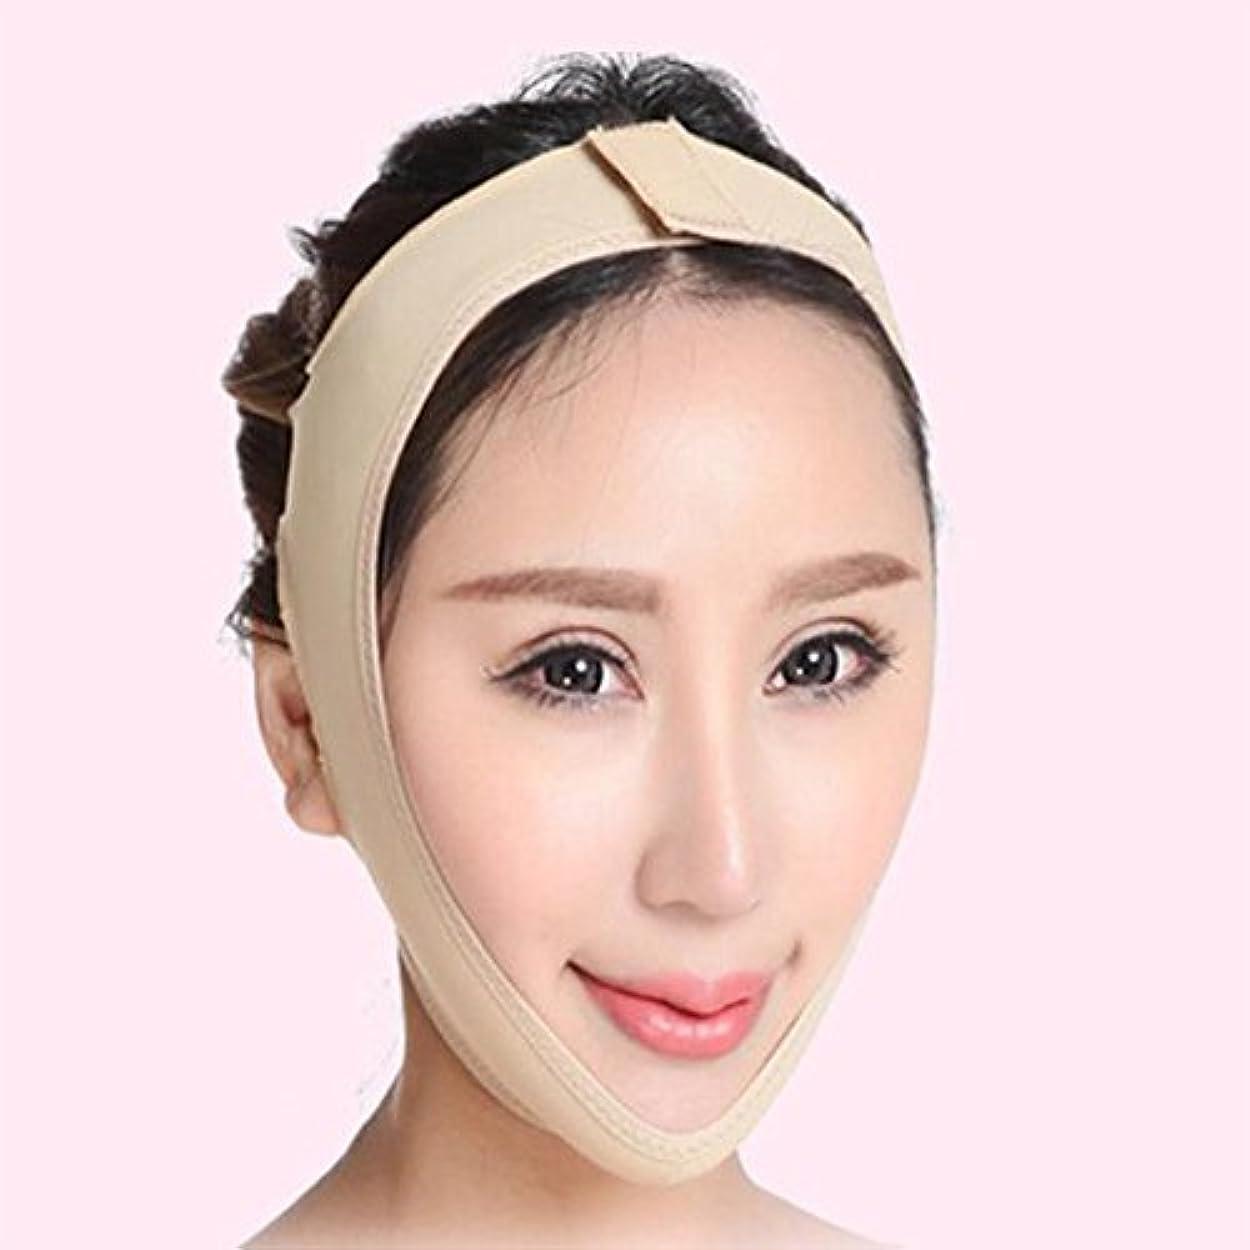 許容検出器ウェーハSD 小顔 小顔マスク リフトアップ マスク フェイスライン 矯正 あご シャープ メンズ レディース XLサイズ AZD15003-XL